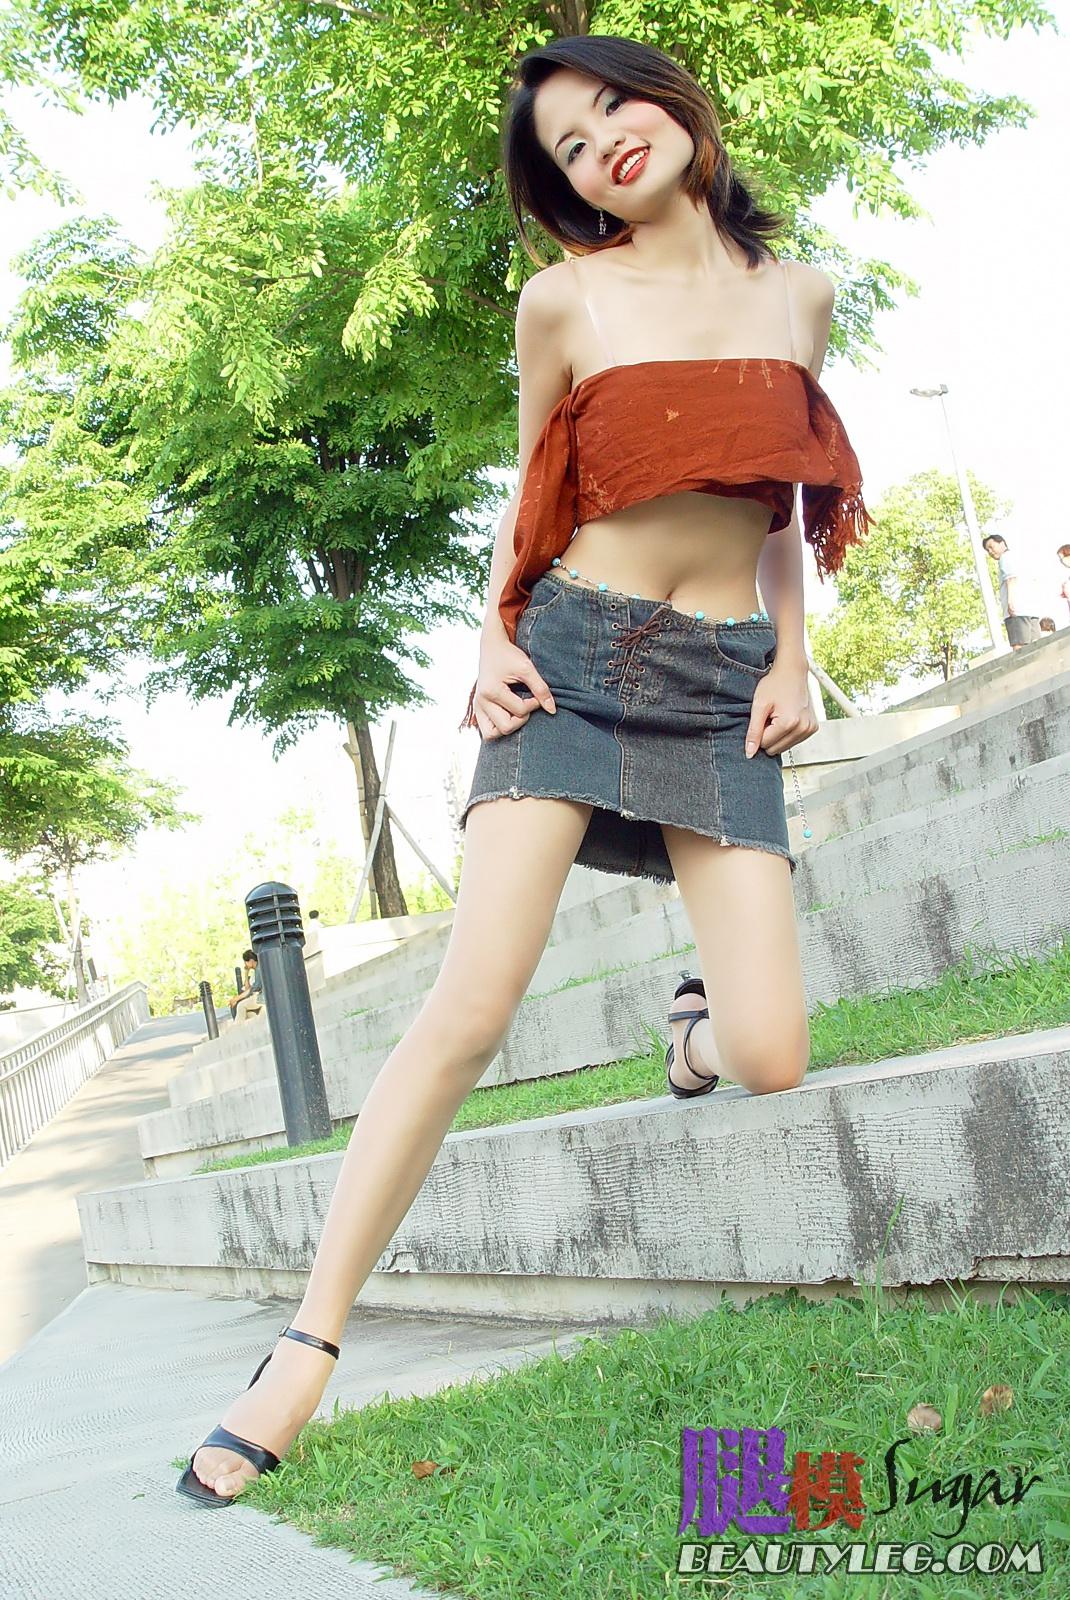 Asian girls in short skirts